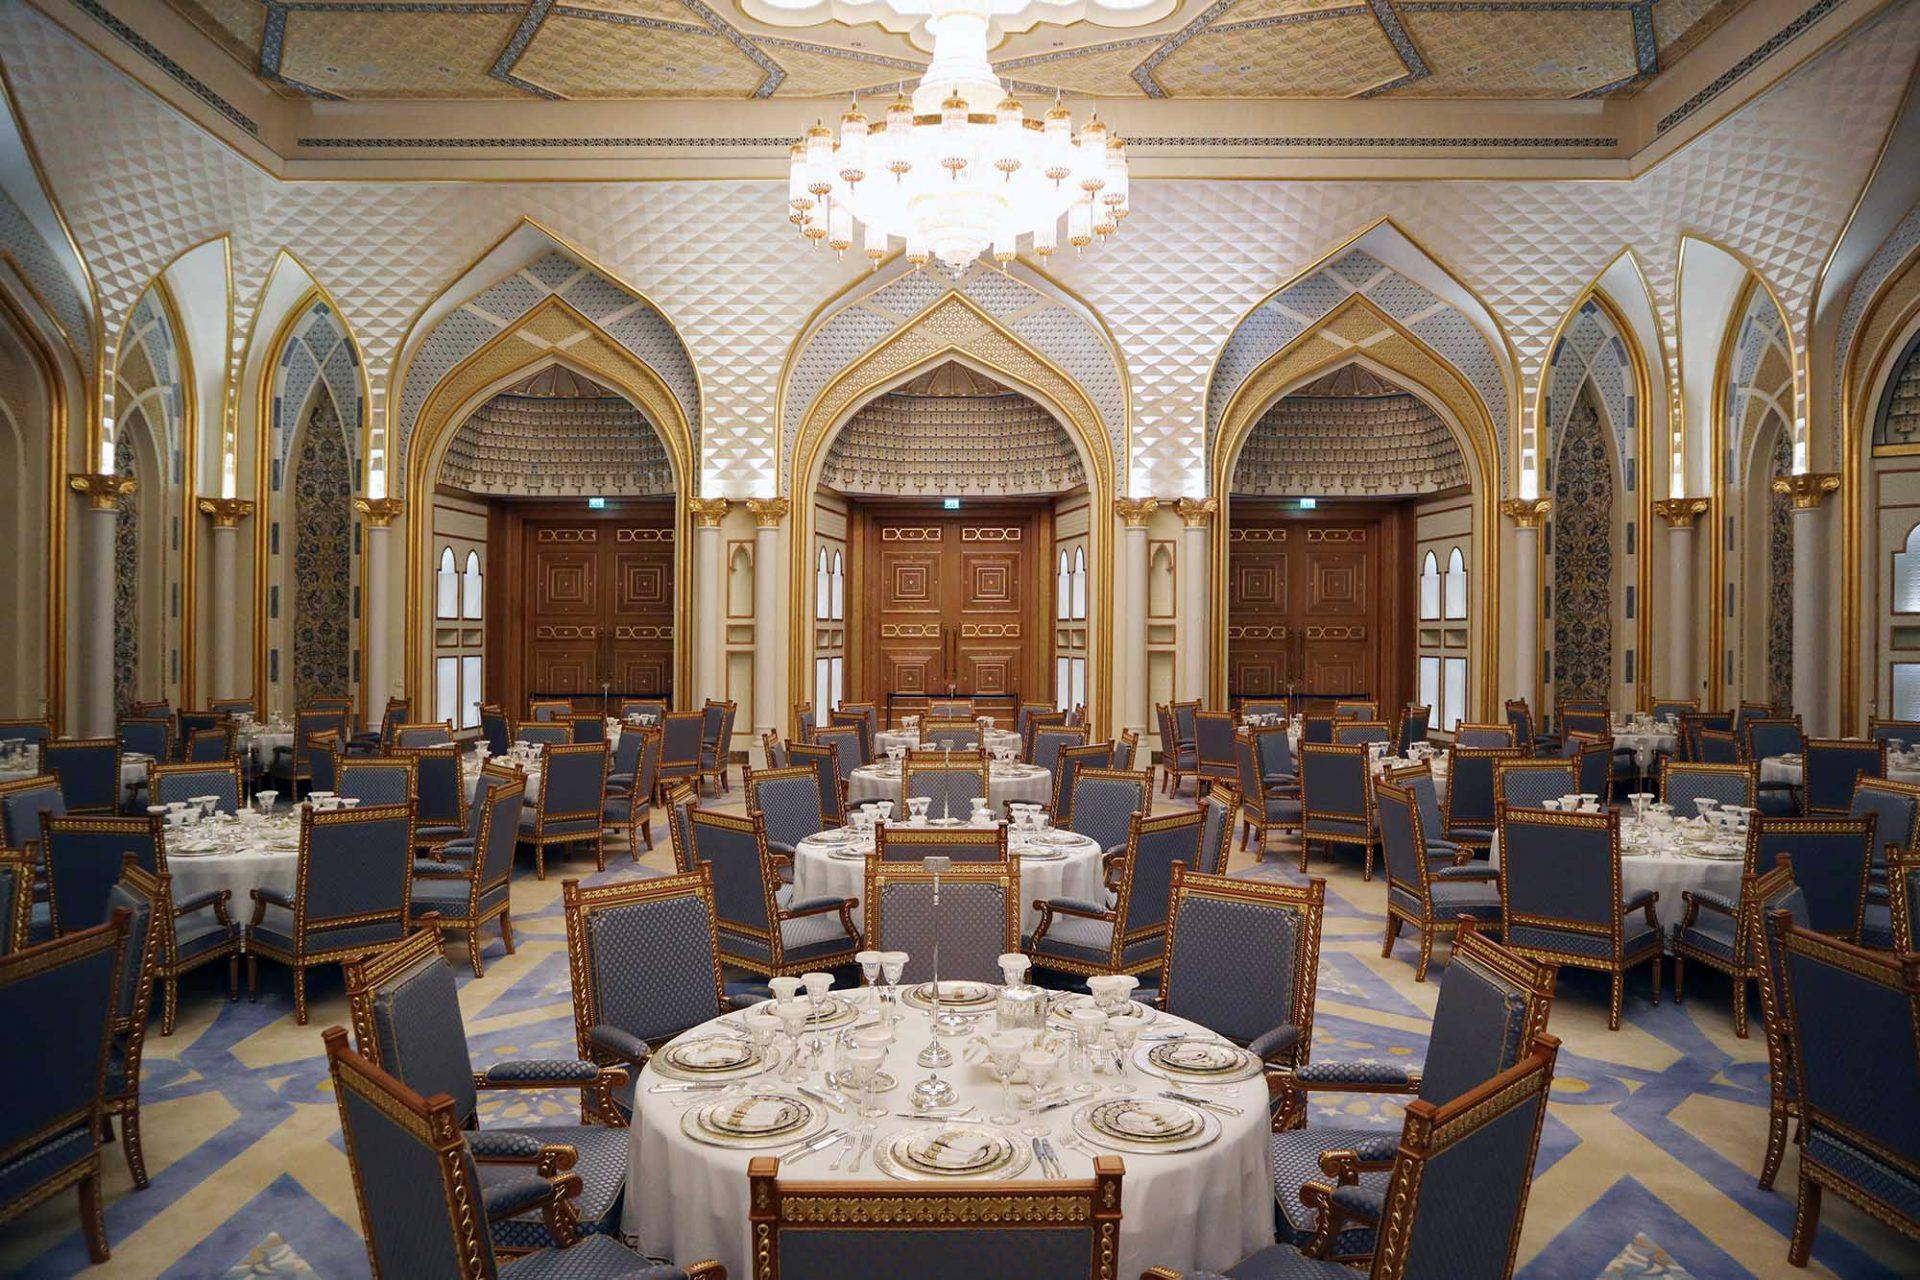 Qasr Al Watan. Der Bankettsaal. Gegenüber befindet sich der Saal mit Staatsgeschenken.